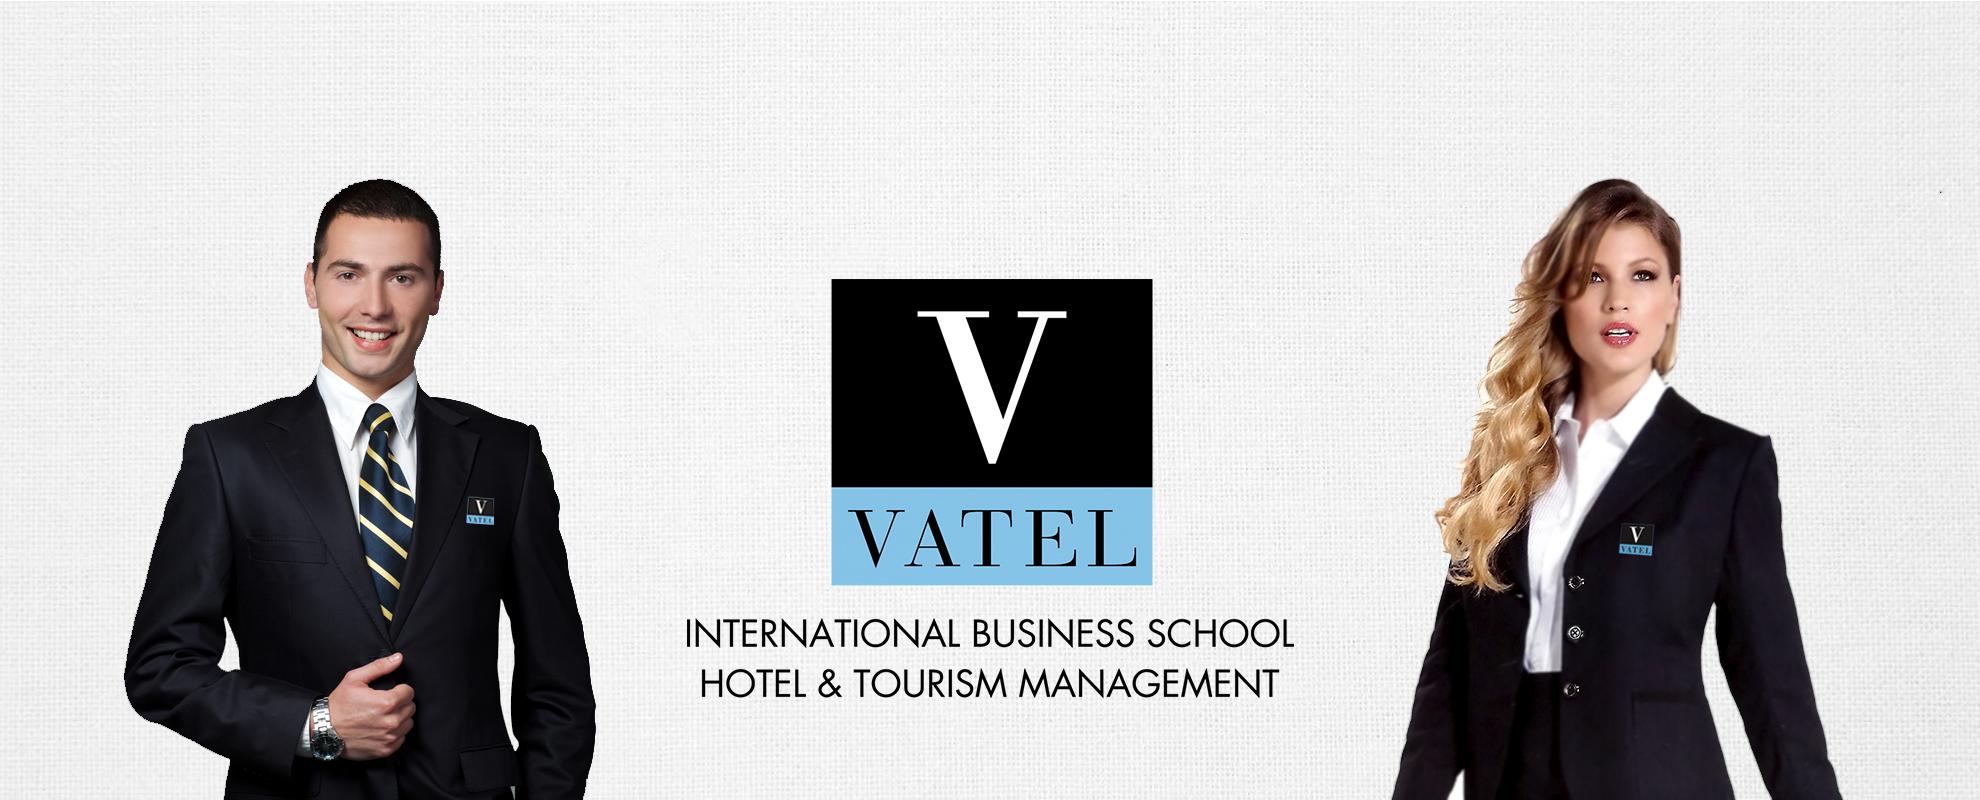 VATEL banner